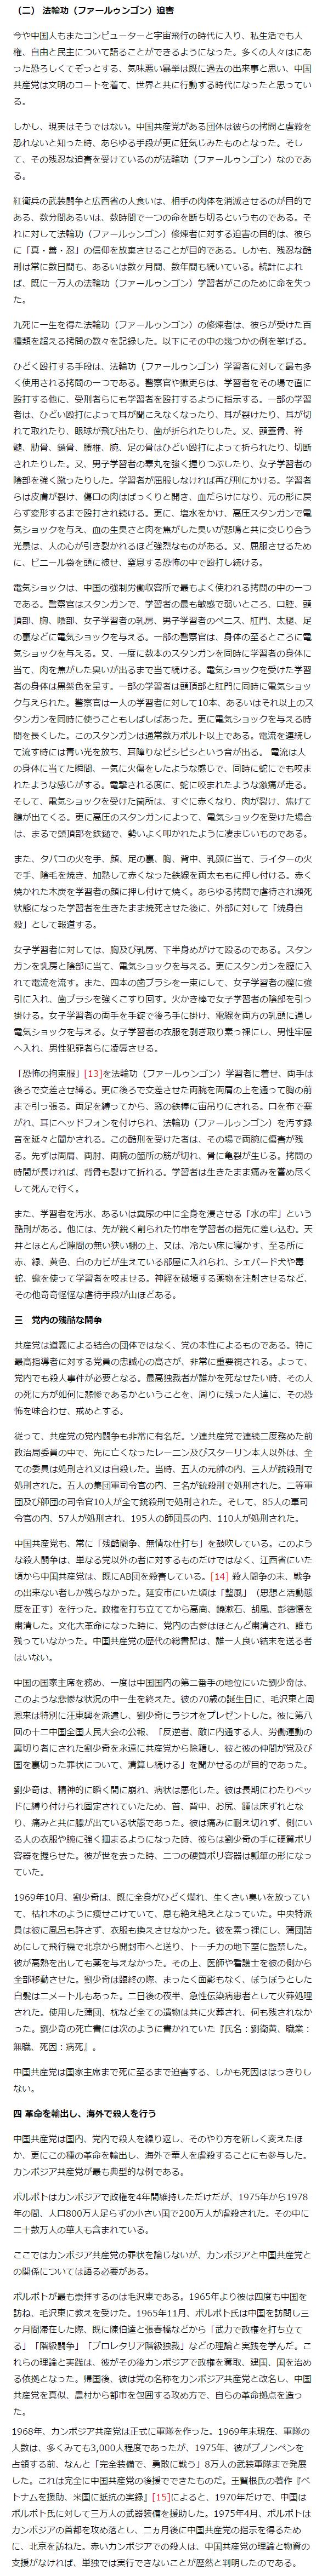 シナ共産党の殺人の歴史4